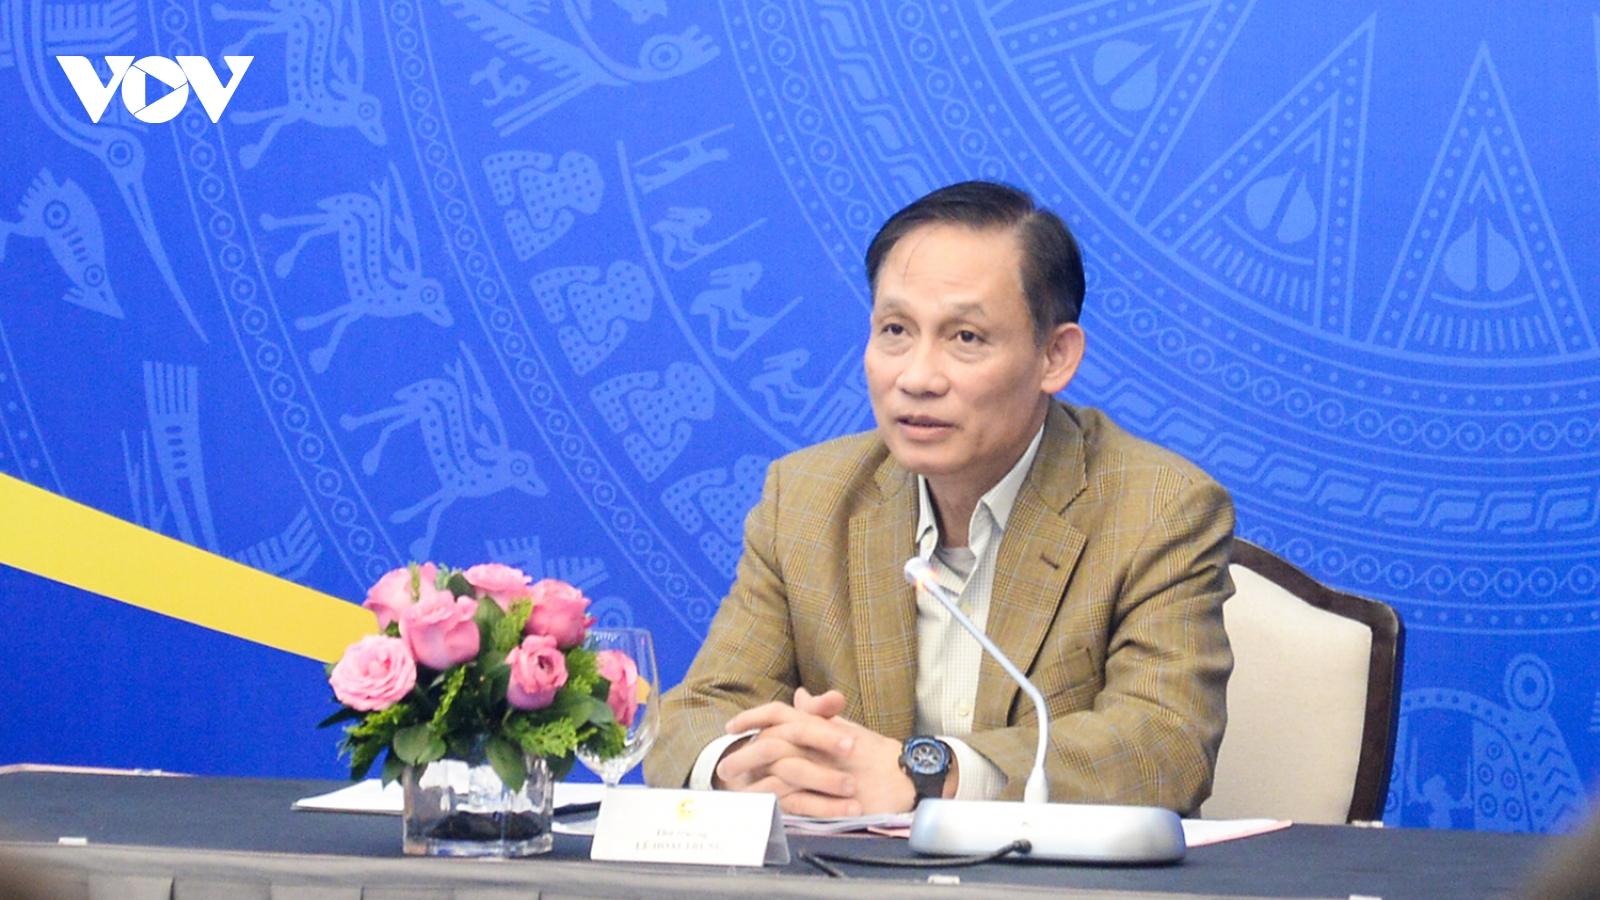 Việt Nam sẵn sàng cho nhiệm kỳ Chủ tịch Hội đồng Bảo an LHQ lần thứ 2